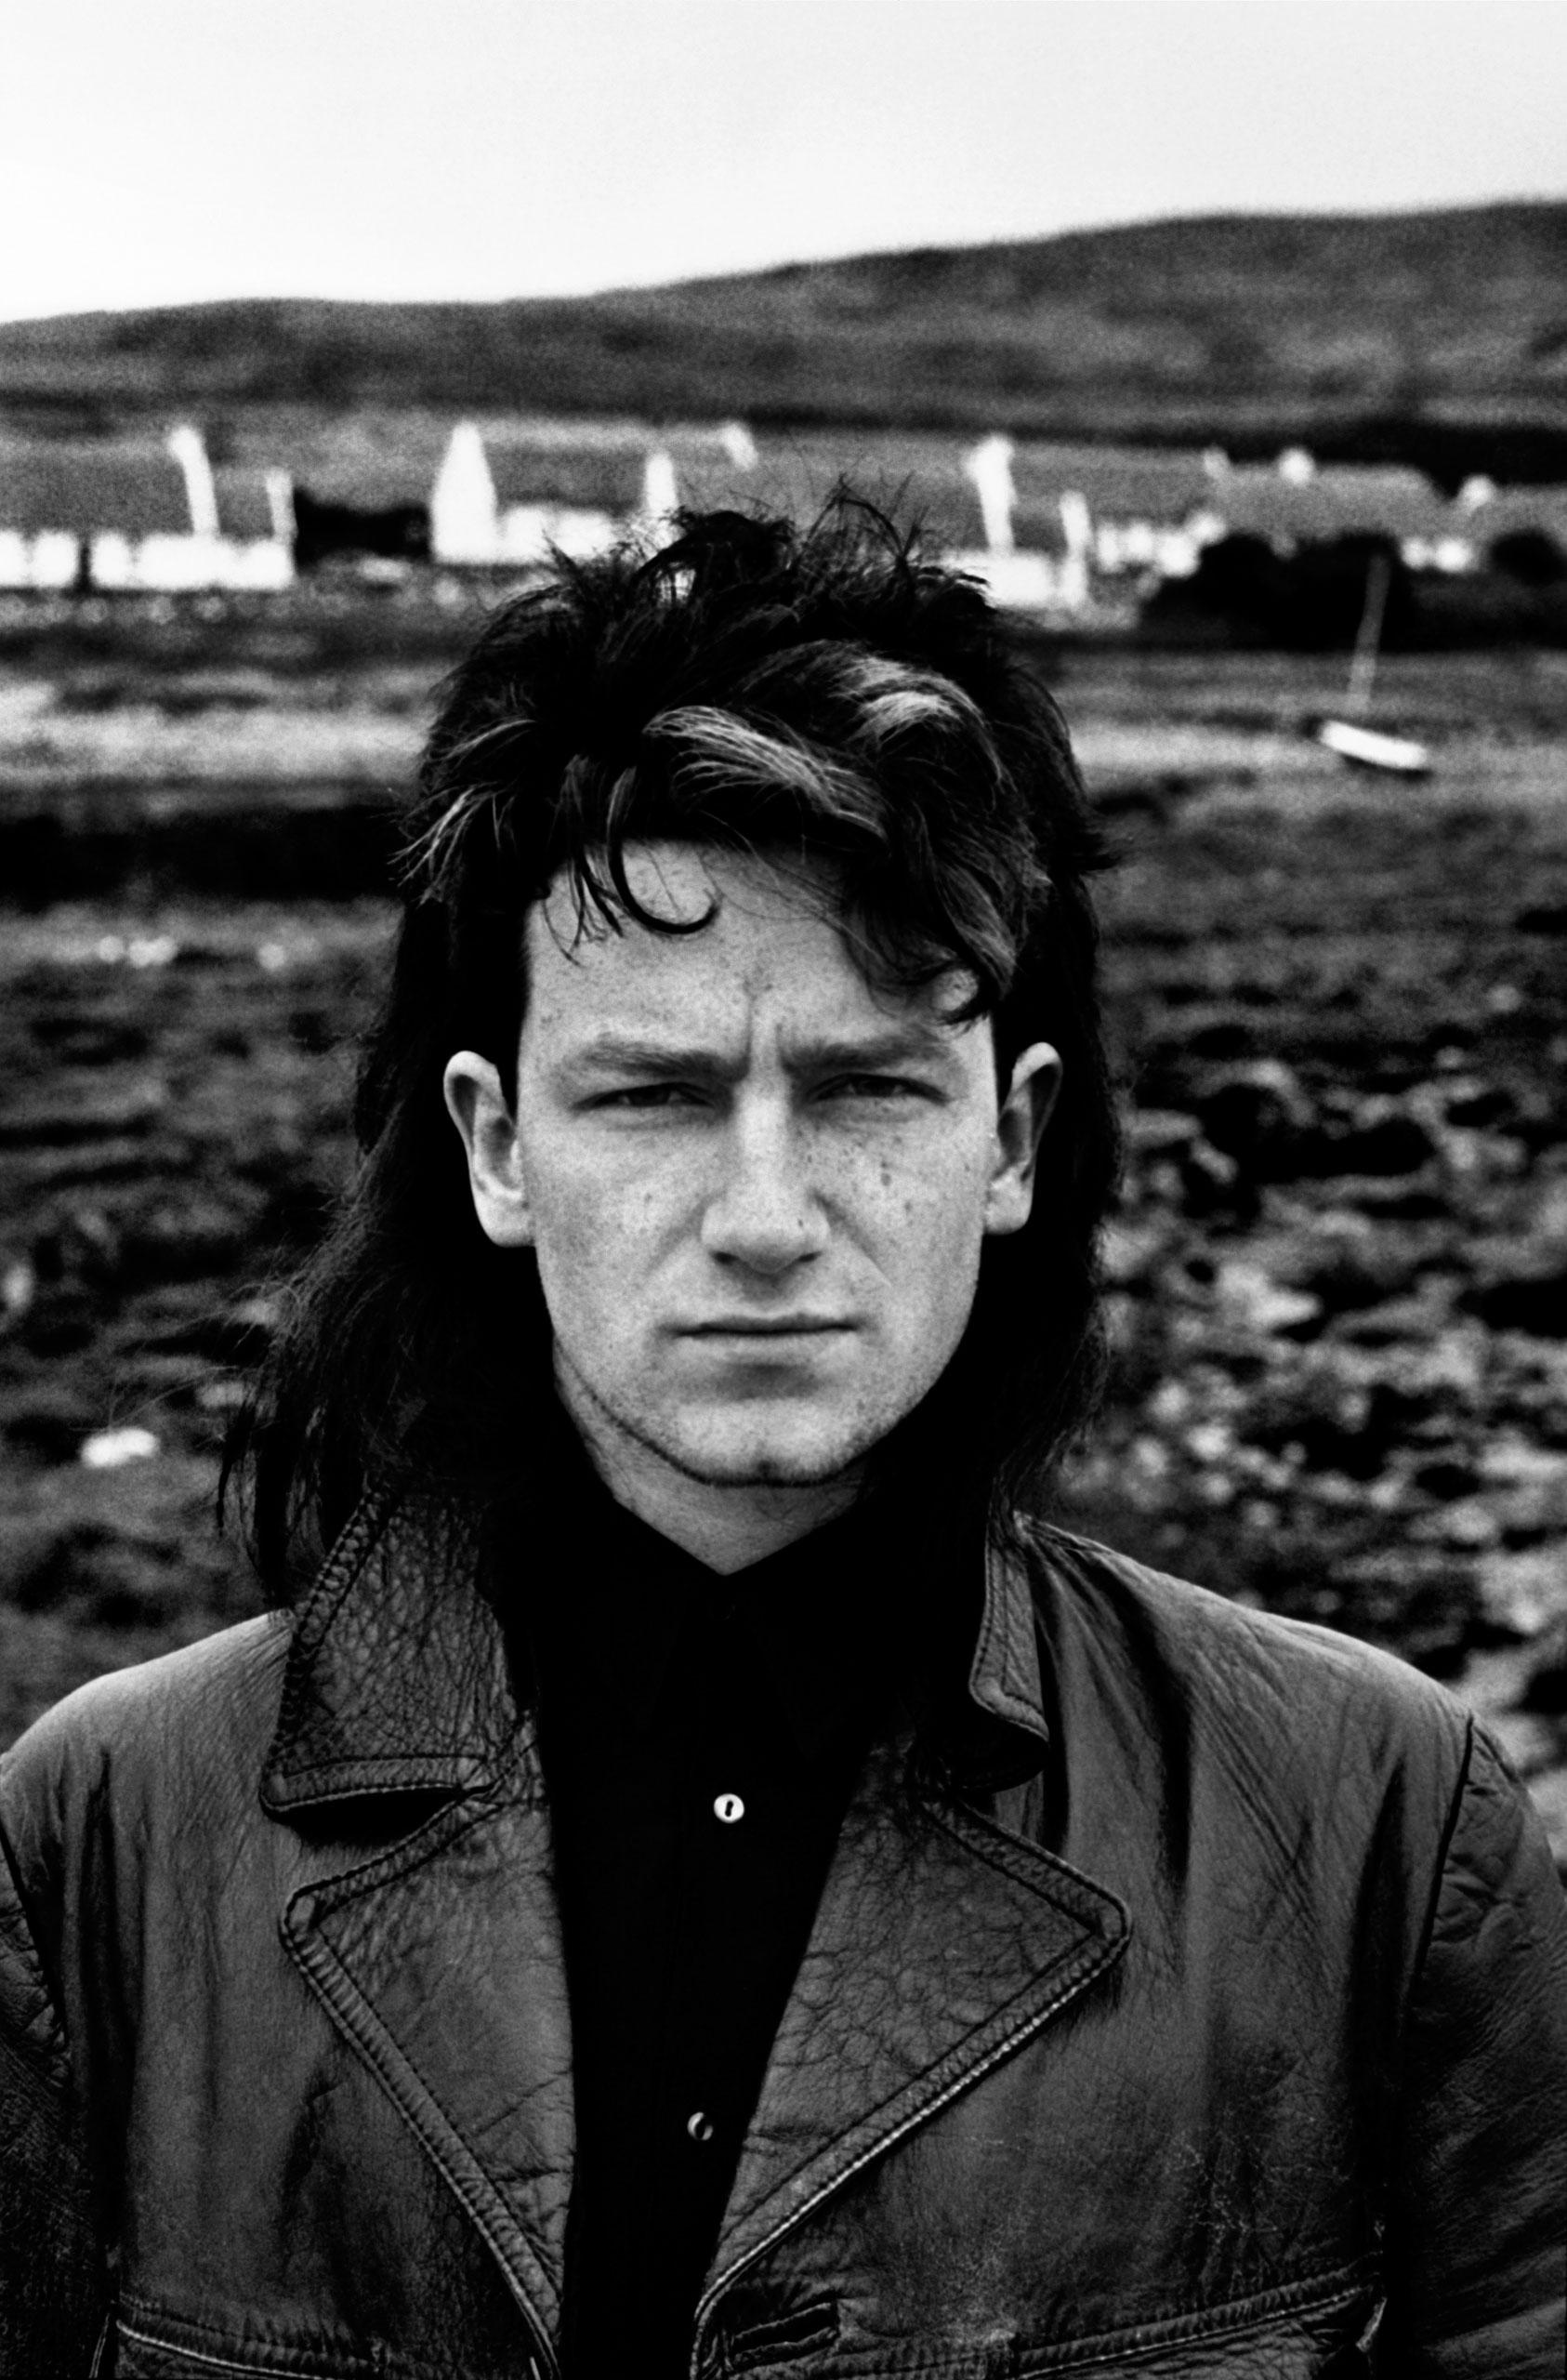 U2, West Coast of Ireland 1984